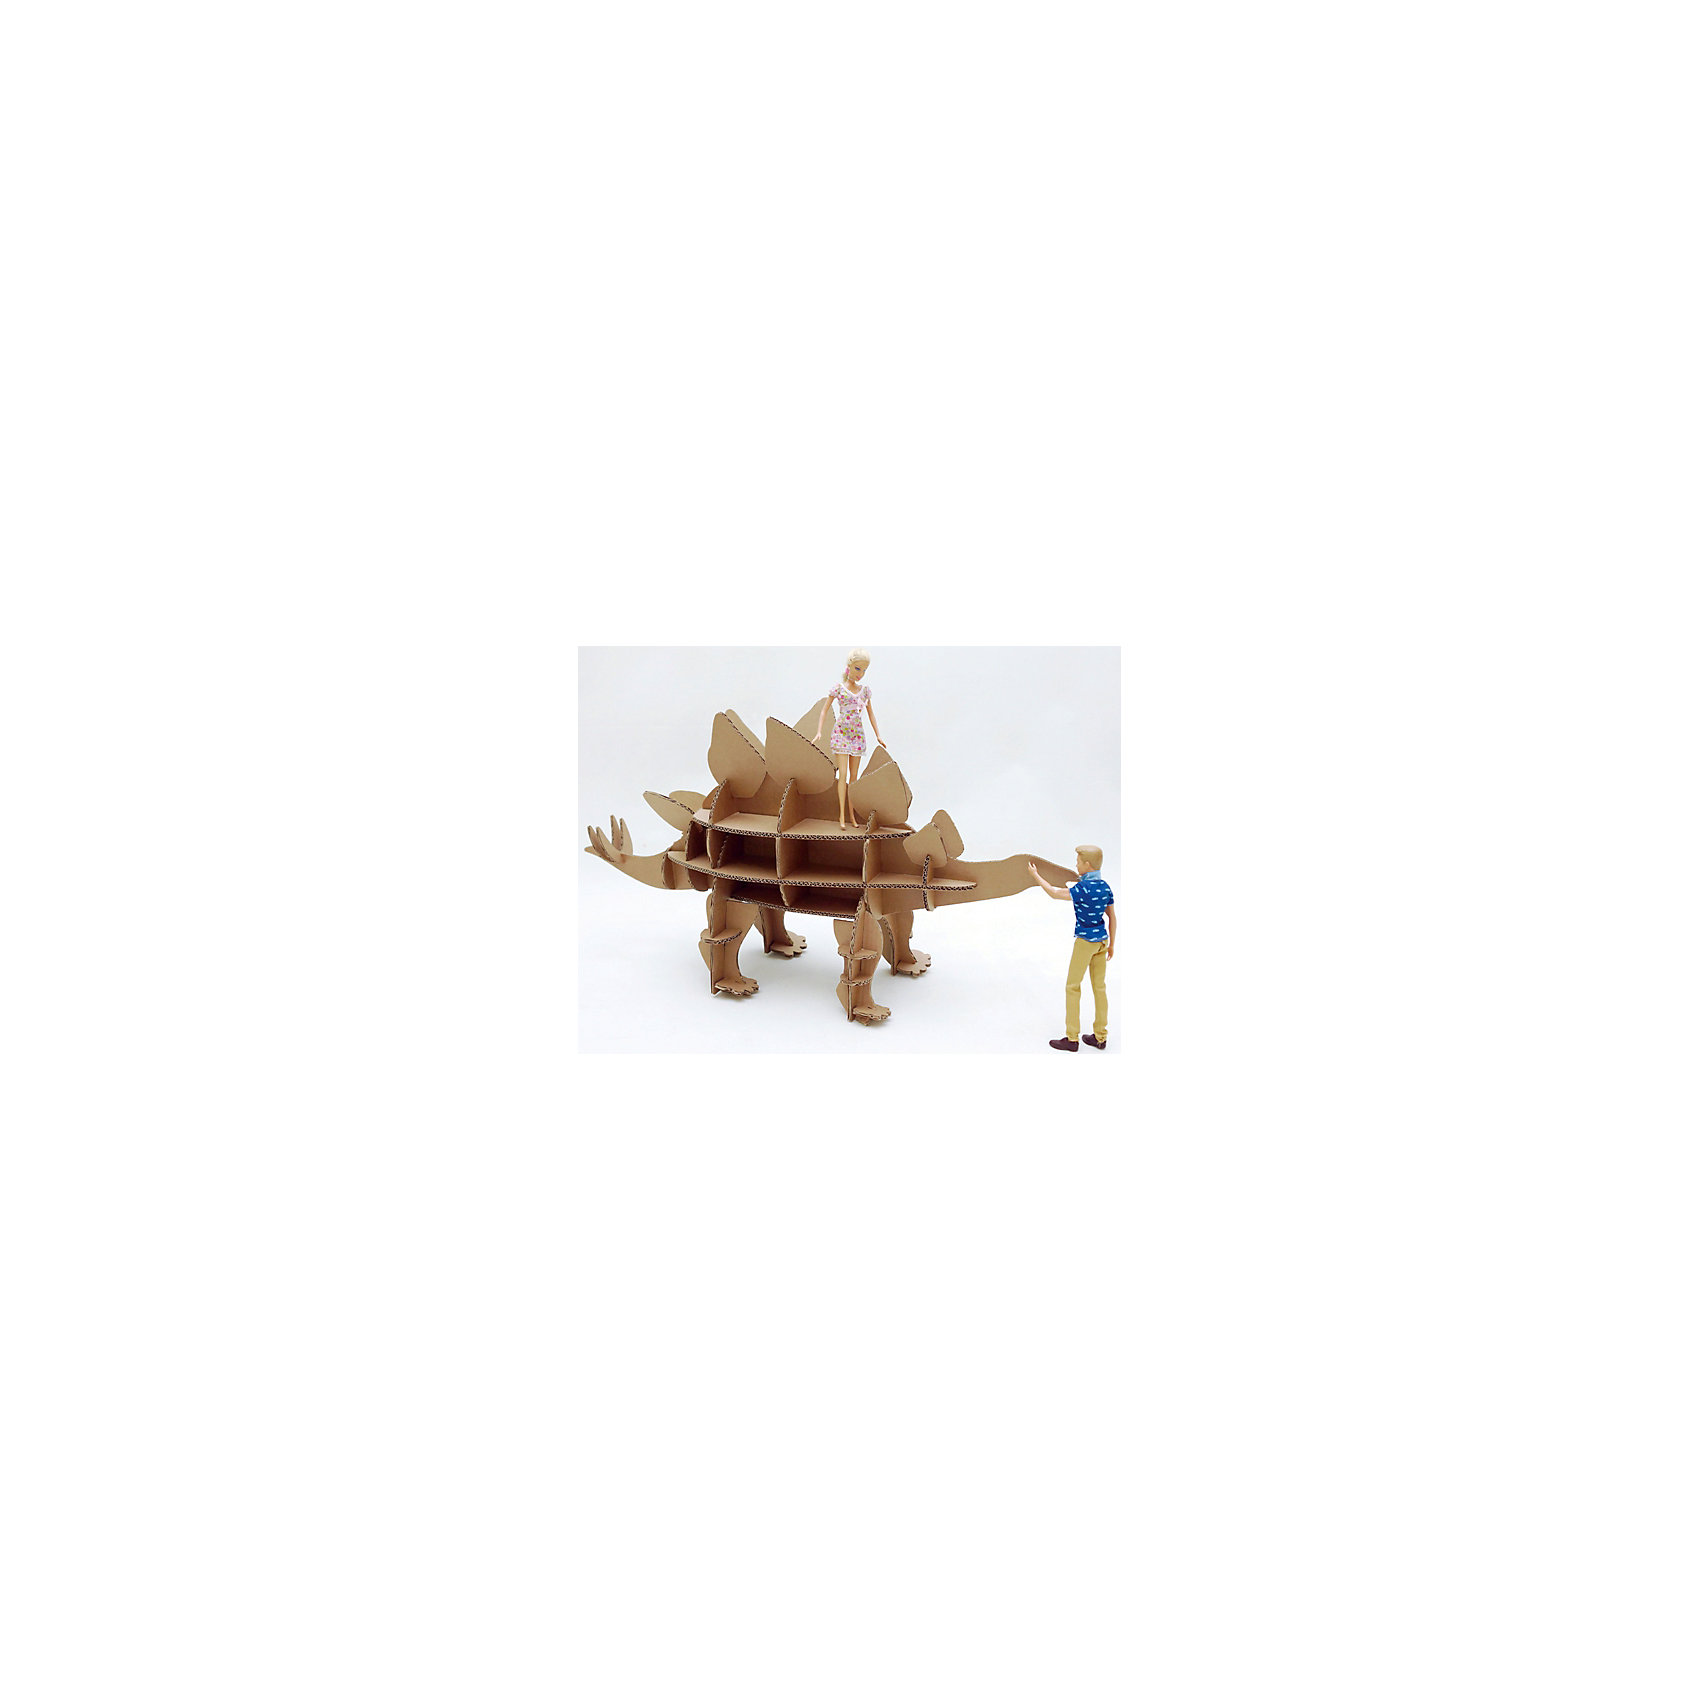 Набор игровой из картона Домашний Стегозавр, крафтБренды конструкторов<br>Характеристики:<br><br>• сборная модель из картонных деталей, без клея и ножниц;<br>• материал: гофрокартон;<br>• комплектация: детали для сборки динозавра, нейлоновые крепления, инструкция;<br>• размер динозавра в собранном виде: 89х83х32 см;<br>• размер упаковки: 46х46х7 см;<br>• вес: 1,3 кг.<br><br>Набор для творчества «Стегозавр» из серии «Домашний динозавр» предлагает ребятам собрать модель динозавра из картонных деталей. Модель собирается без клея, подробная инструкция объясняет процесс работы. У динозавра бока представлены как полочки, на которых удобно разместятся мелкие игрушечные зверушки, куколки или детские поделки. При желании динозавра можно раскрасить красками, фломастерами или карандашами.<br><br>Набор игровой из картона Домашний Стегозавр, крафт можно купить в нашем магазине.<br><br>Ширина мм: 460<br>Глубина мм: 460<br>Высота мм: 65<br>Вес г: 1100<br>Возраст от месяцев: 36<br>Возраст до месяцев: 2147483647<br>Пол: Унисекс<br>Возраст: Детский<br>SKU: 5253051